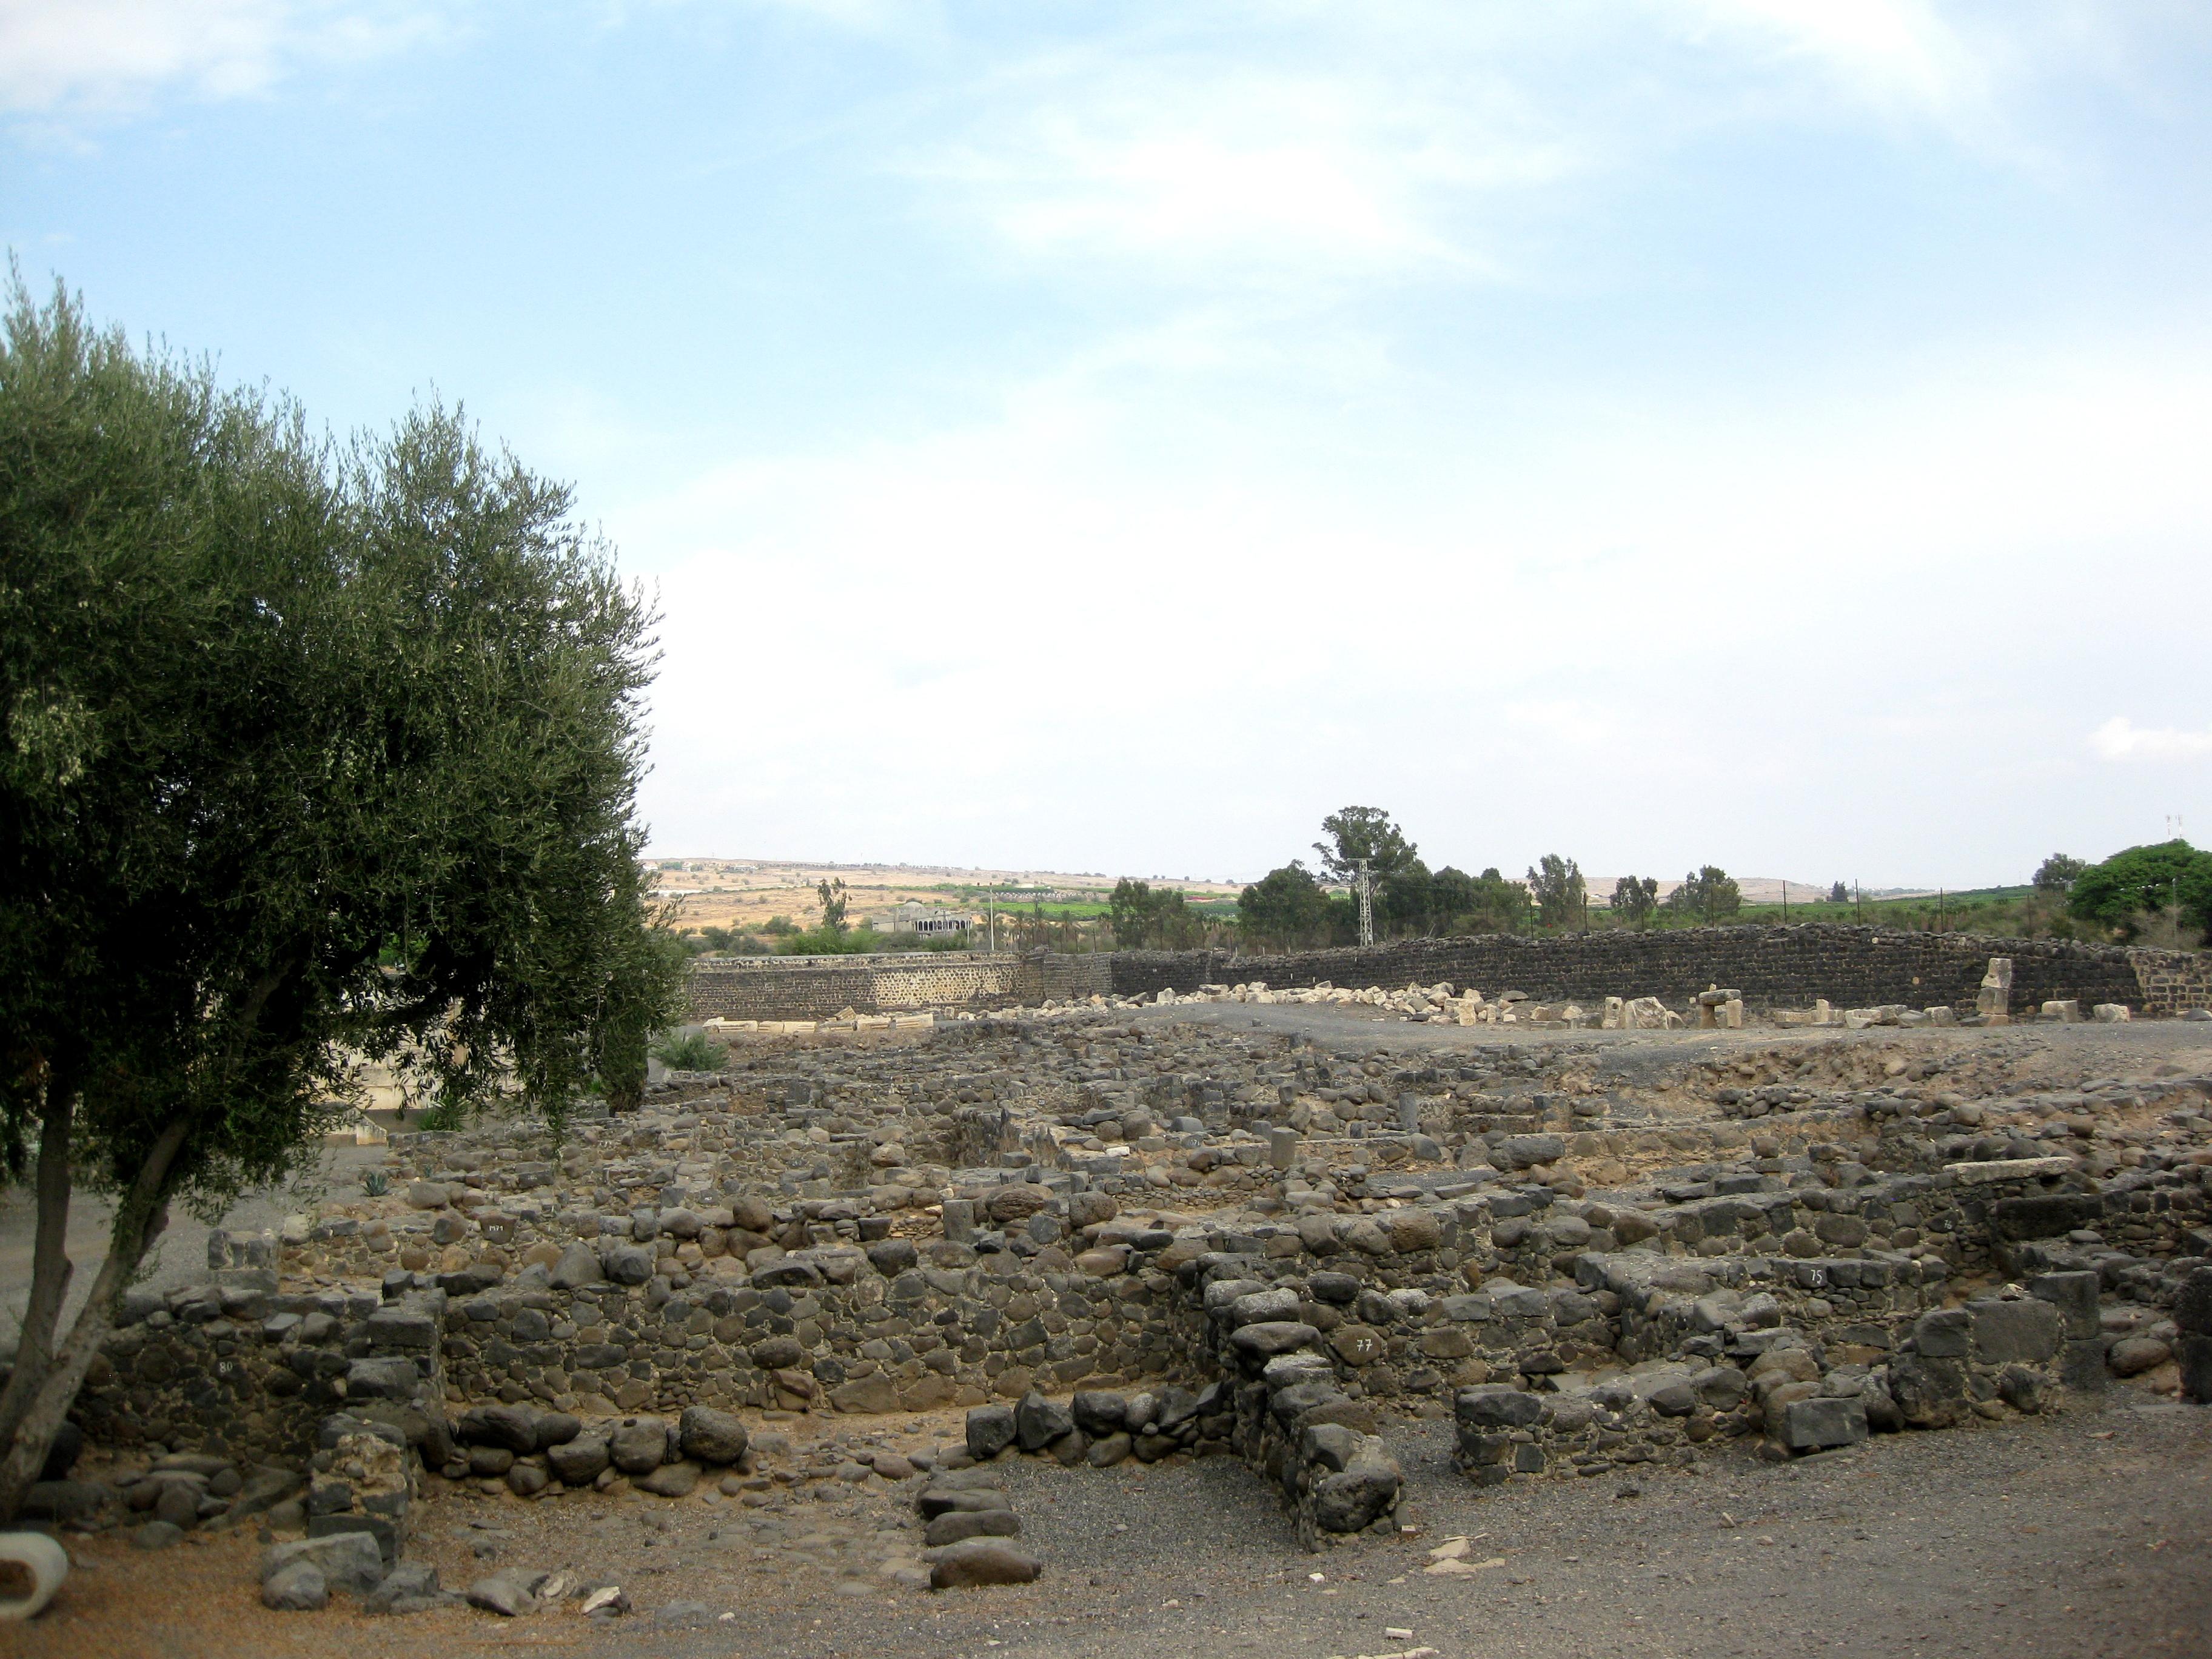 Caparnaum